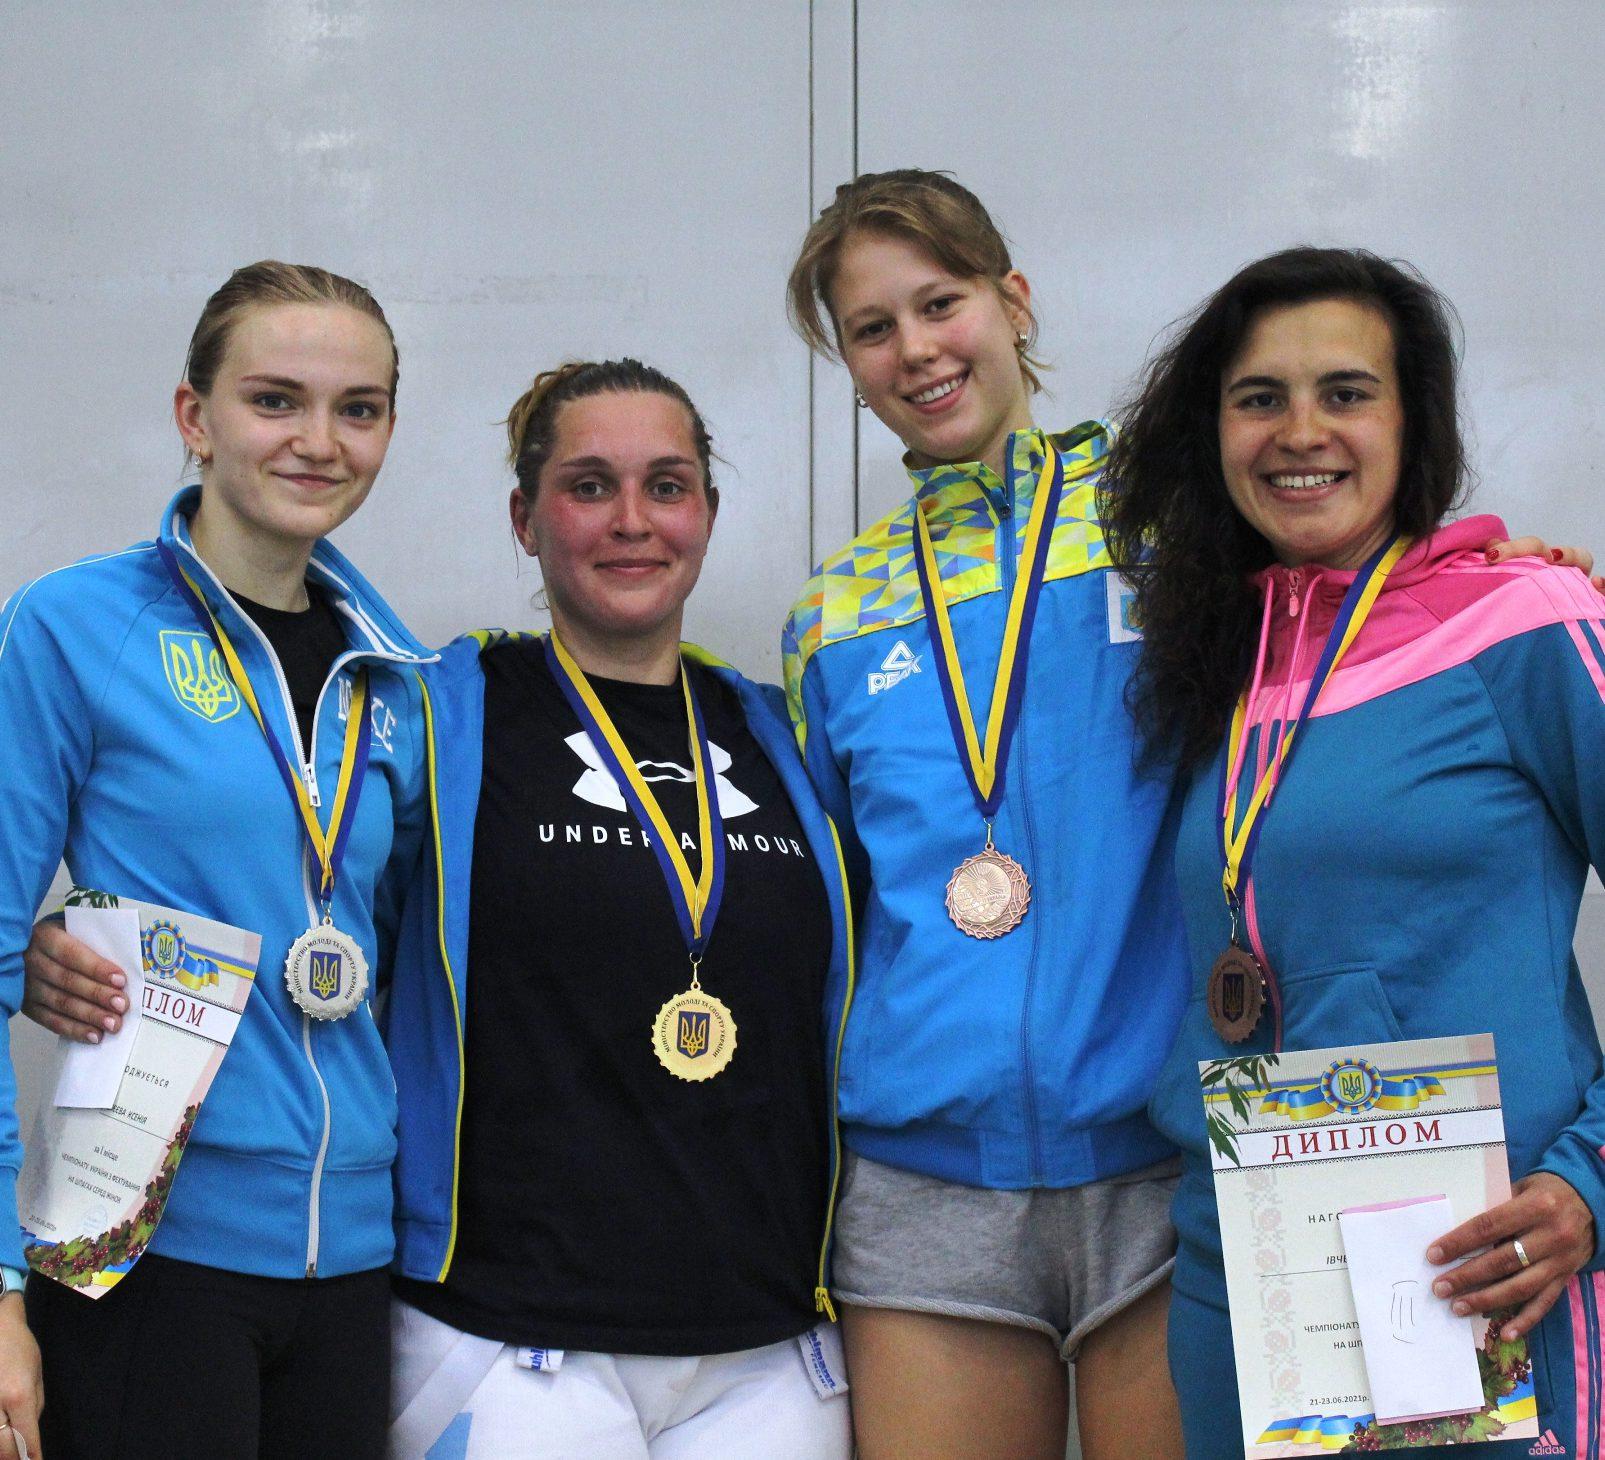 ЧУ 2021 Київ: Ксенія Пантелеєва повертає звання чемпіонки України